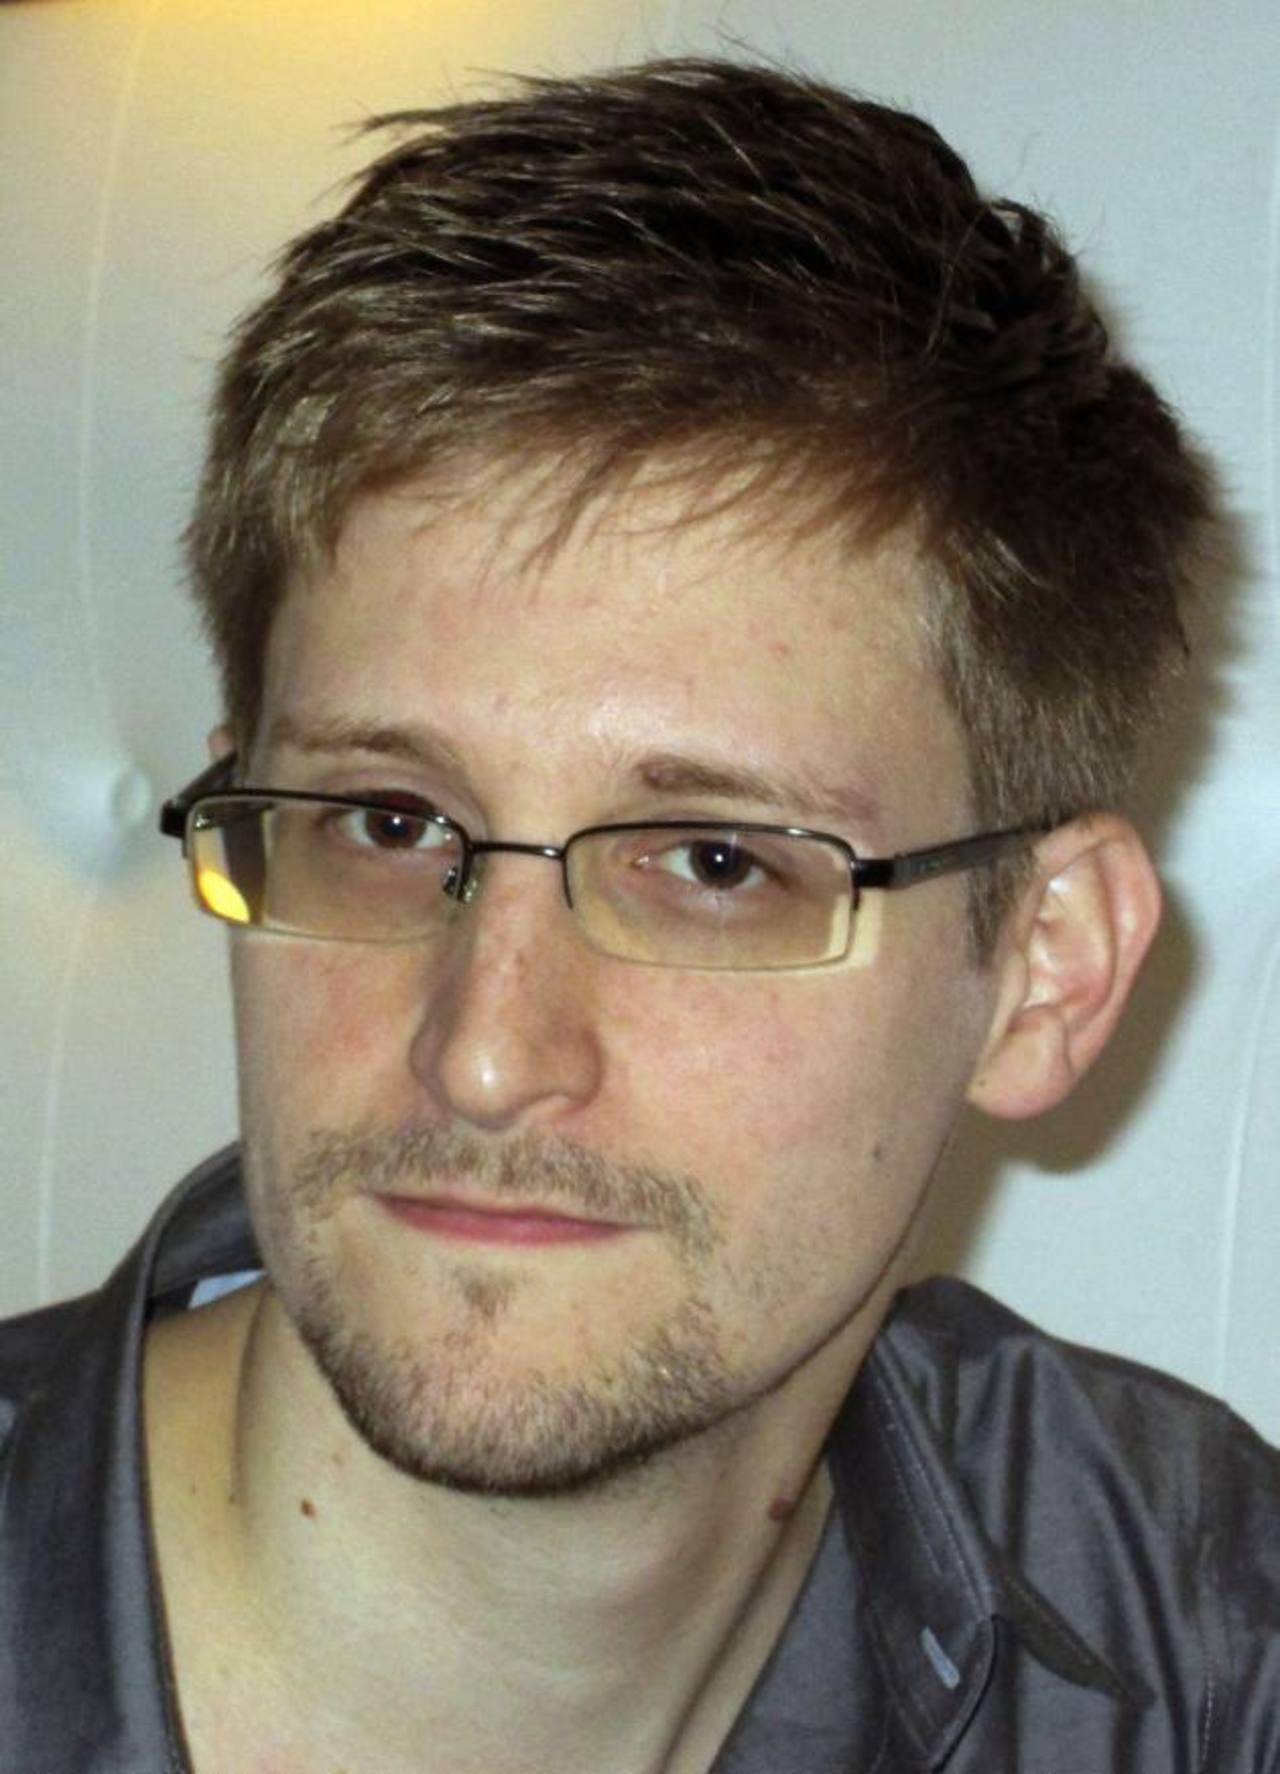 El ingeniero informático trabajó durante cuatro años para la NSA como empleado de varias compañías adjudicatarias de contratos de defensa. foto edh / REUTERS.